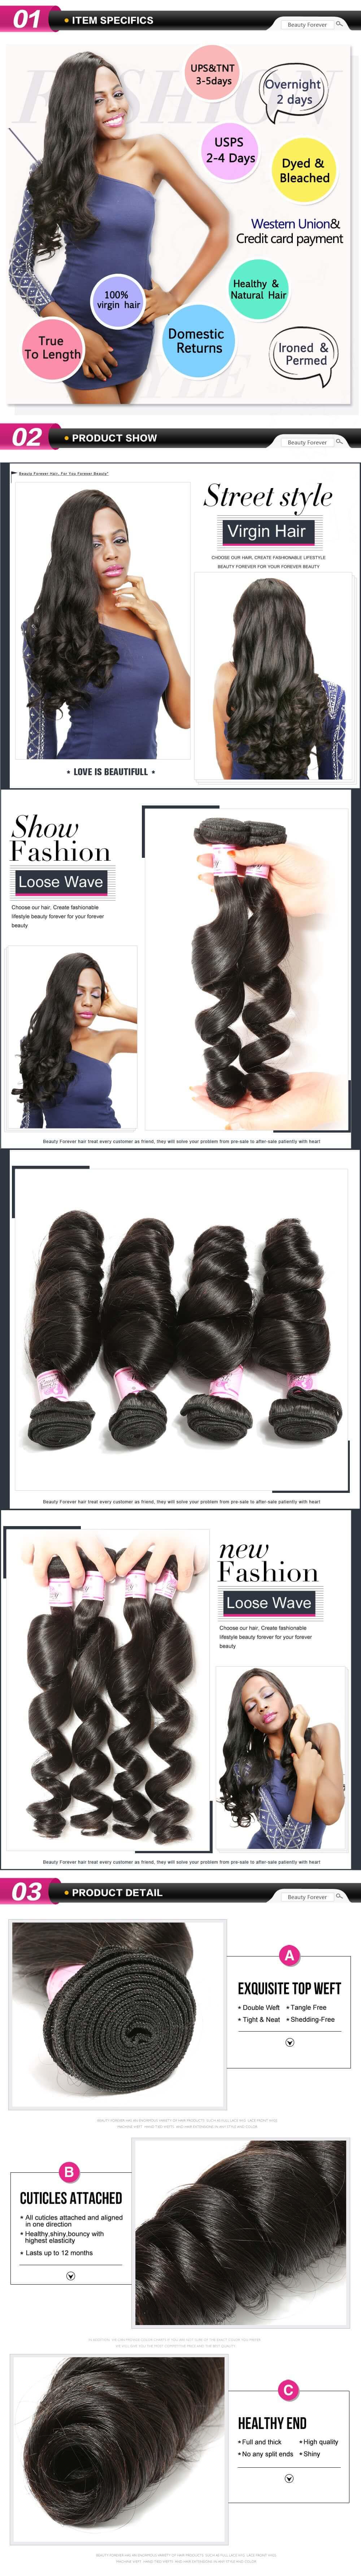 loose wave Peruvian hair 4 bundles